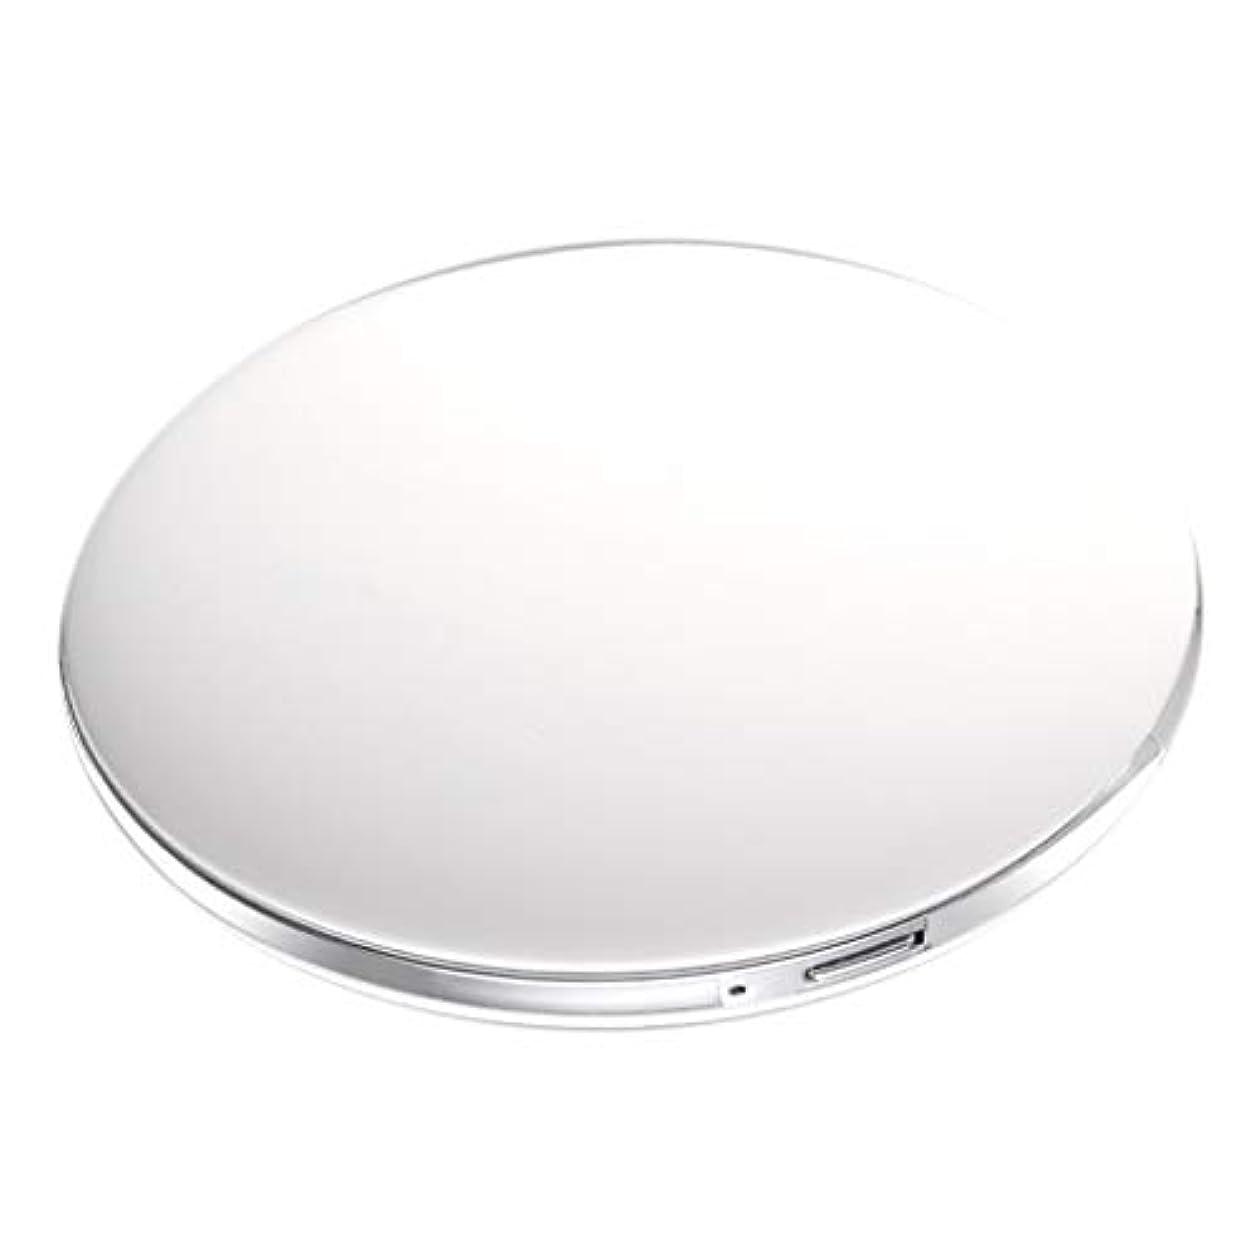 エクステントいちゃつく検出する手鏡 コンパクト 折りたたみ 3倍拡大鏡 両面ミラー LED化粧鏡 ポケットミラー おしゃれ 全5色 - 白